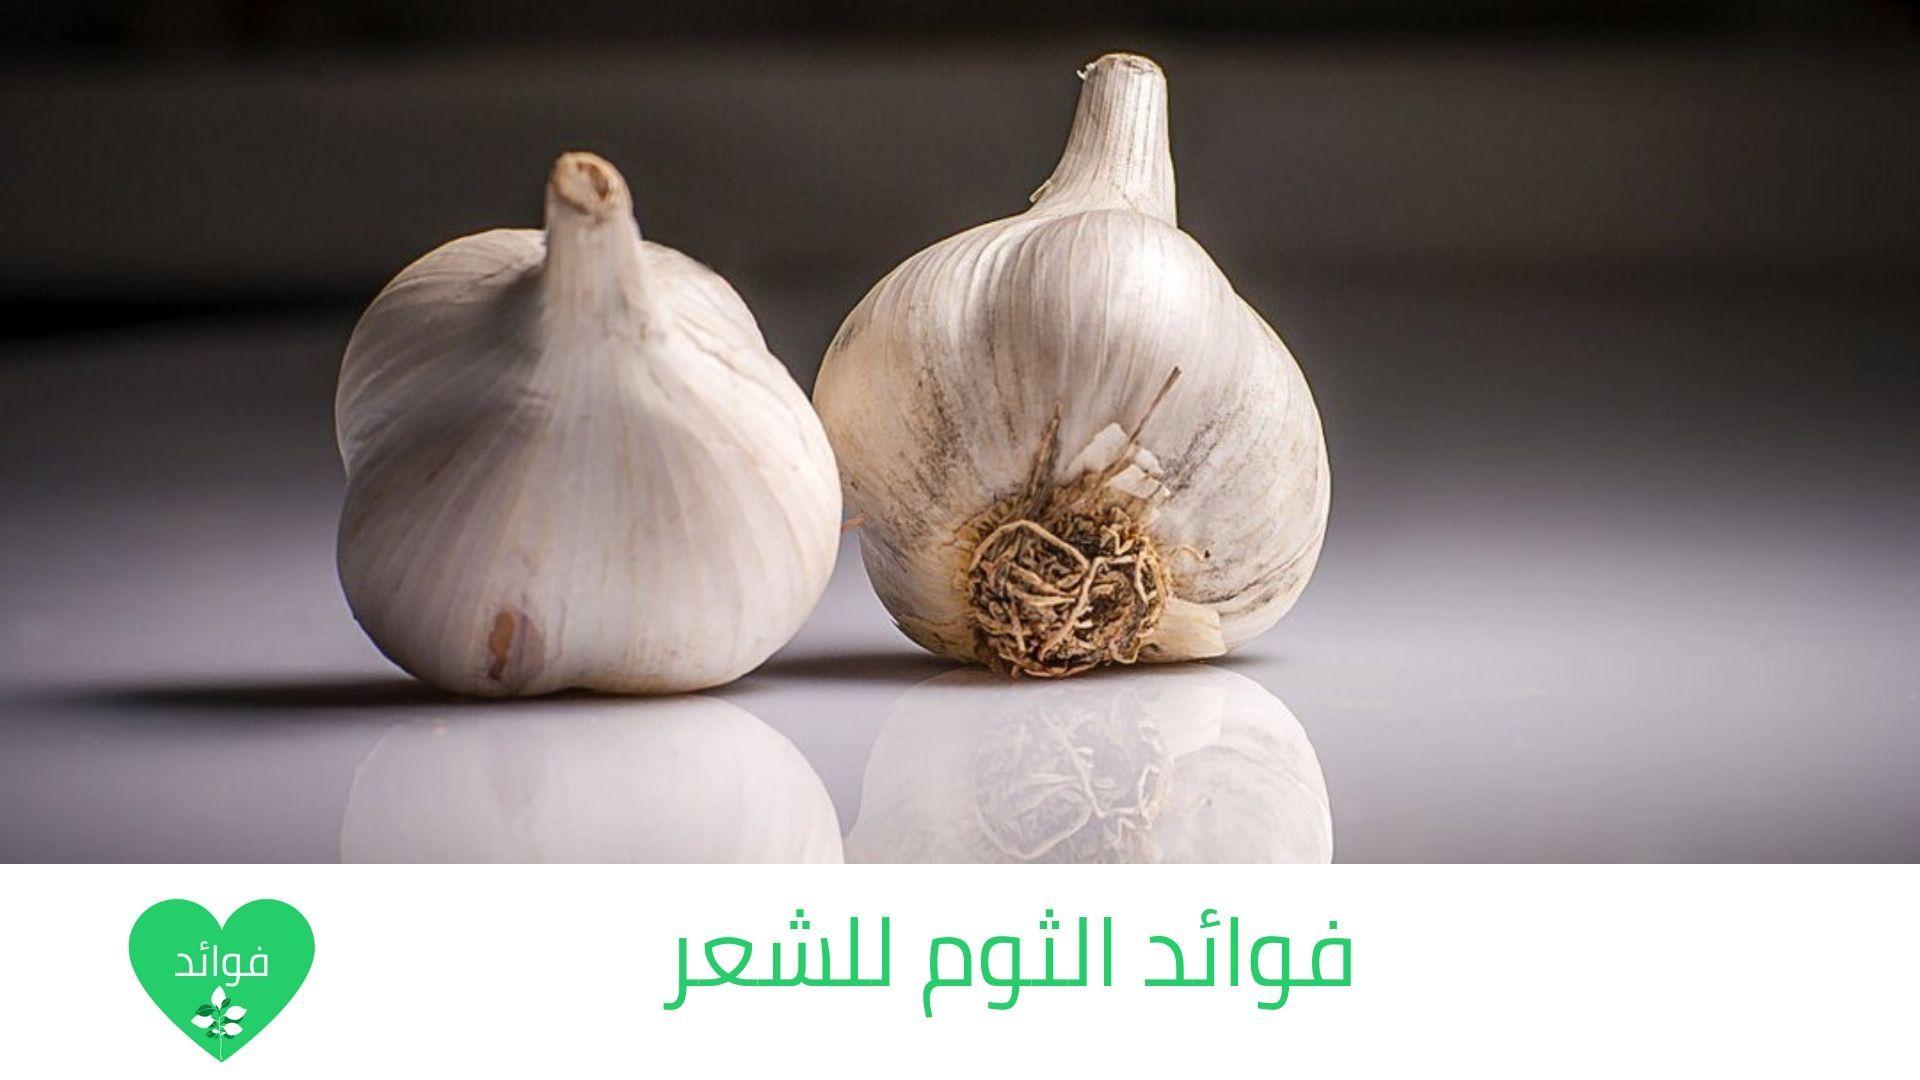 فوائد الثوم للشعر الثوم يعطيك أفضل حماية وجمال وكثافة لشعرك Vegetables Garlic Food